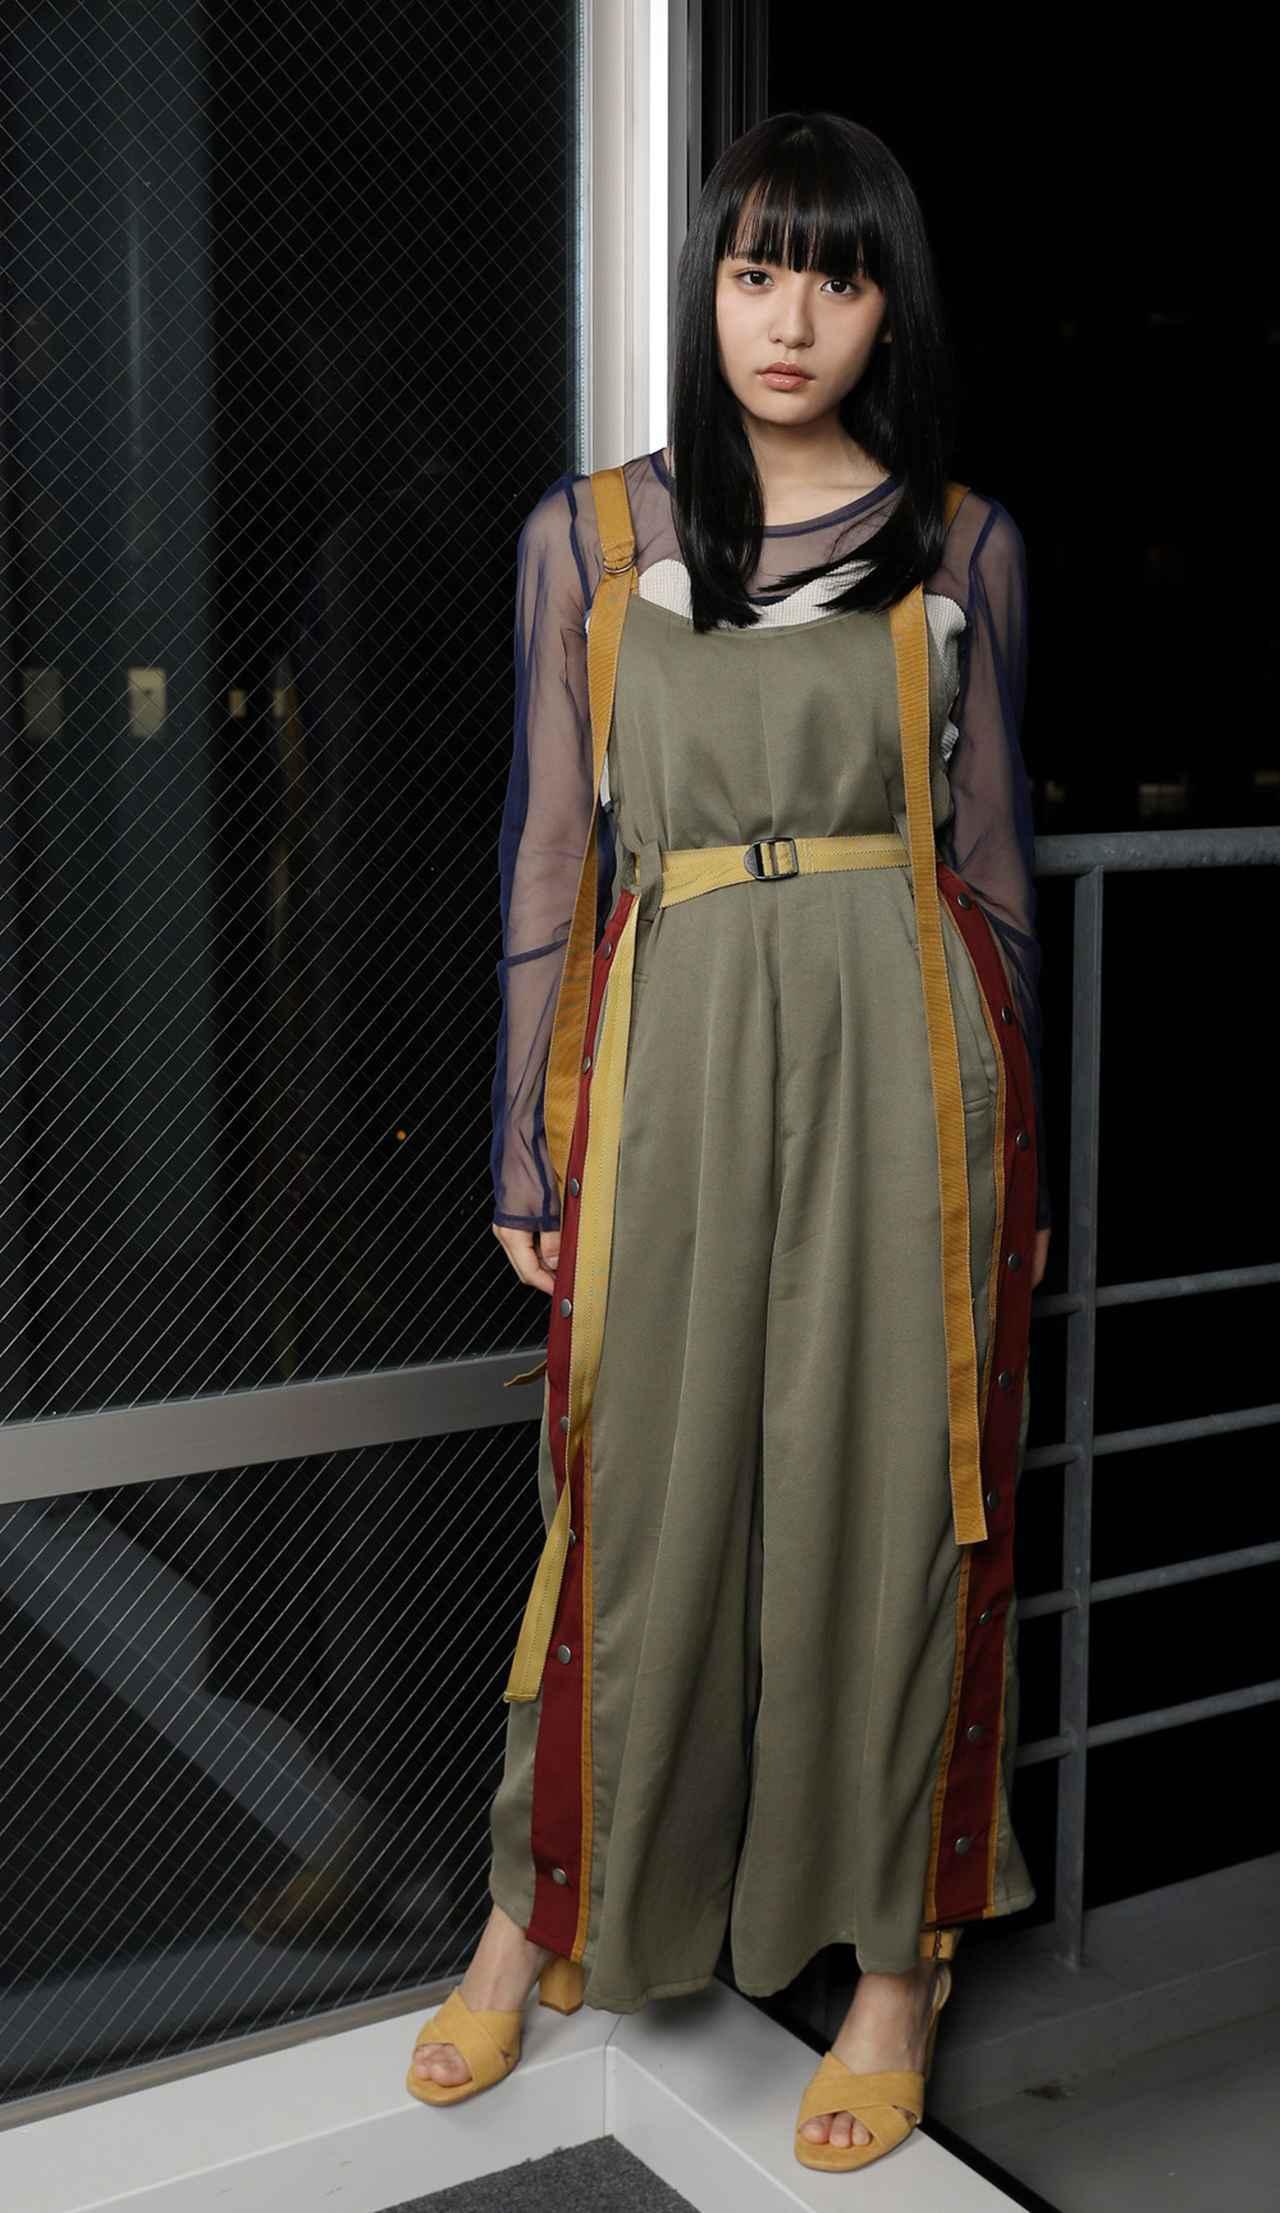 画像3: 浅川梨奈/主演ホラー「黒い乙女Q」5月31日に公開。「こんなにもすべてを疑わないといけない作品は初めてです。各所に張り巡らされた伏線、そして驚愕のラスト。そのすべてを堪能してほしい」